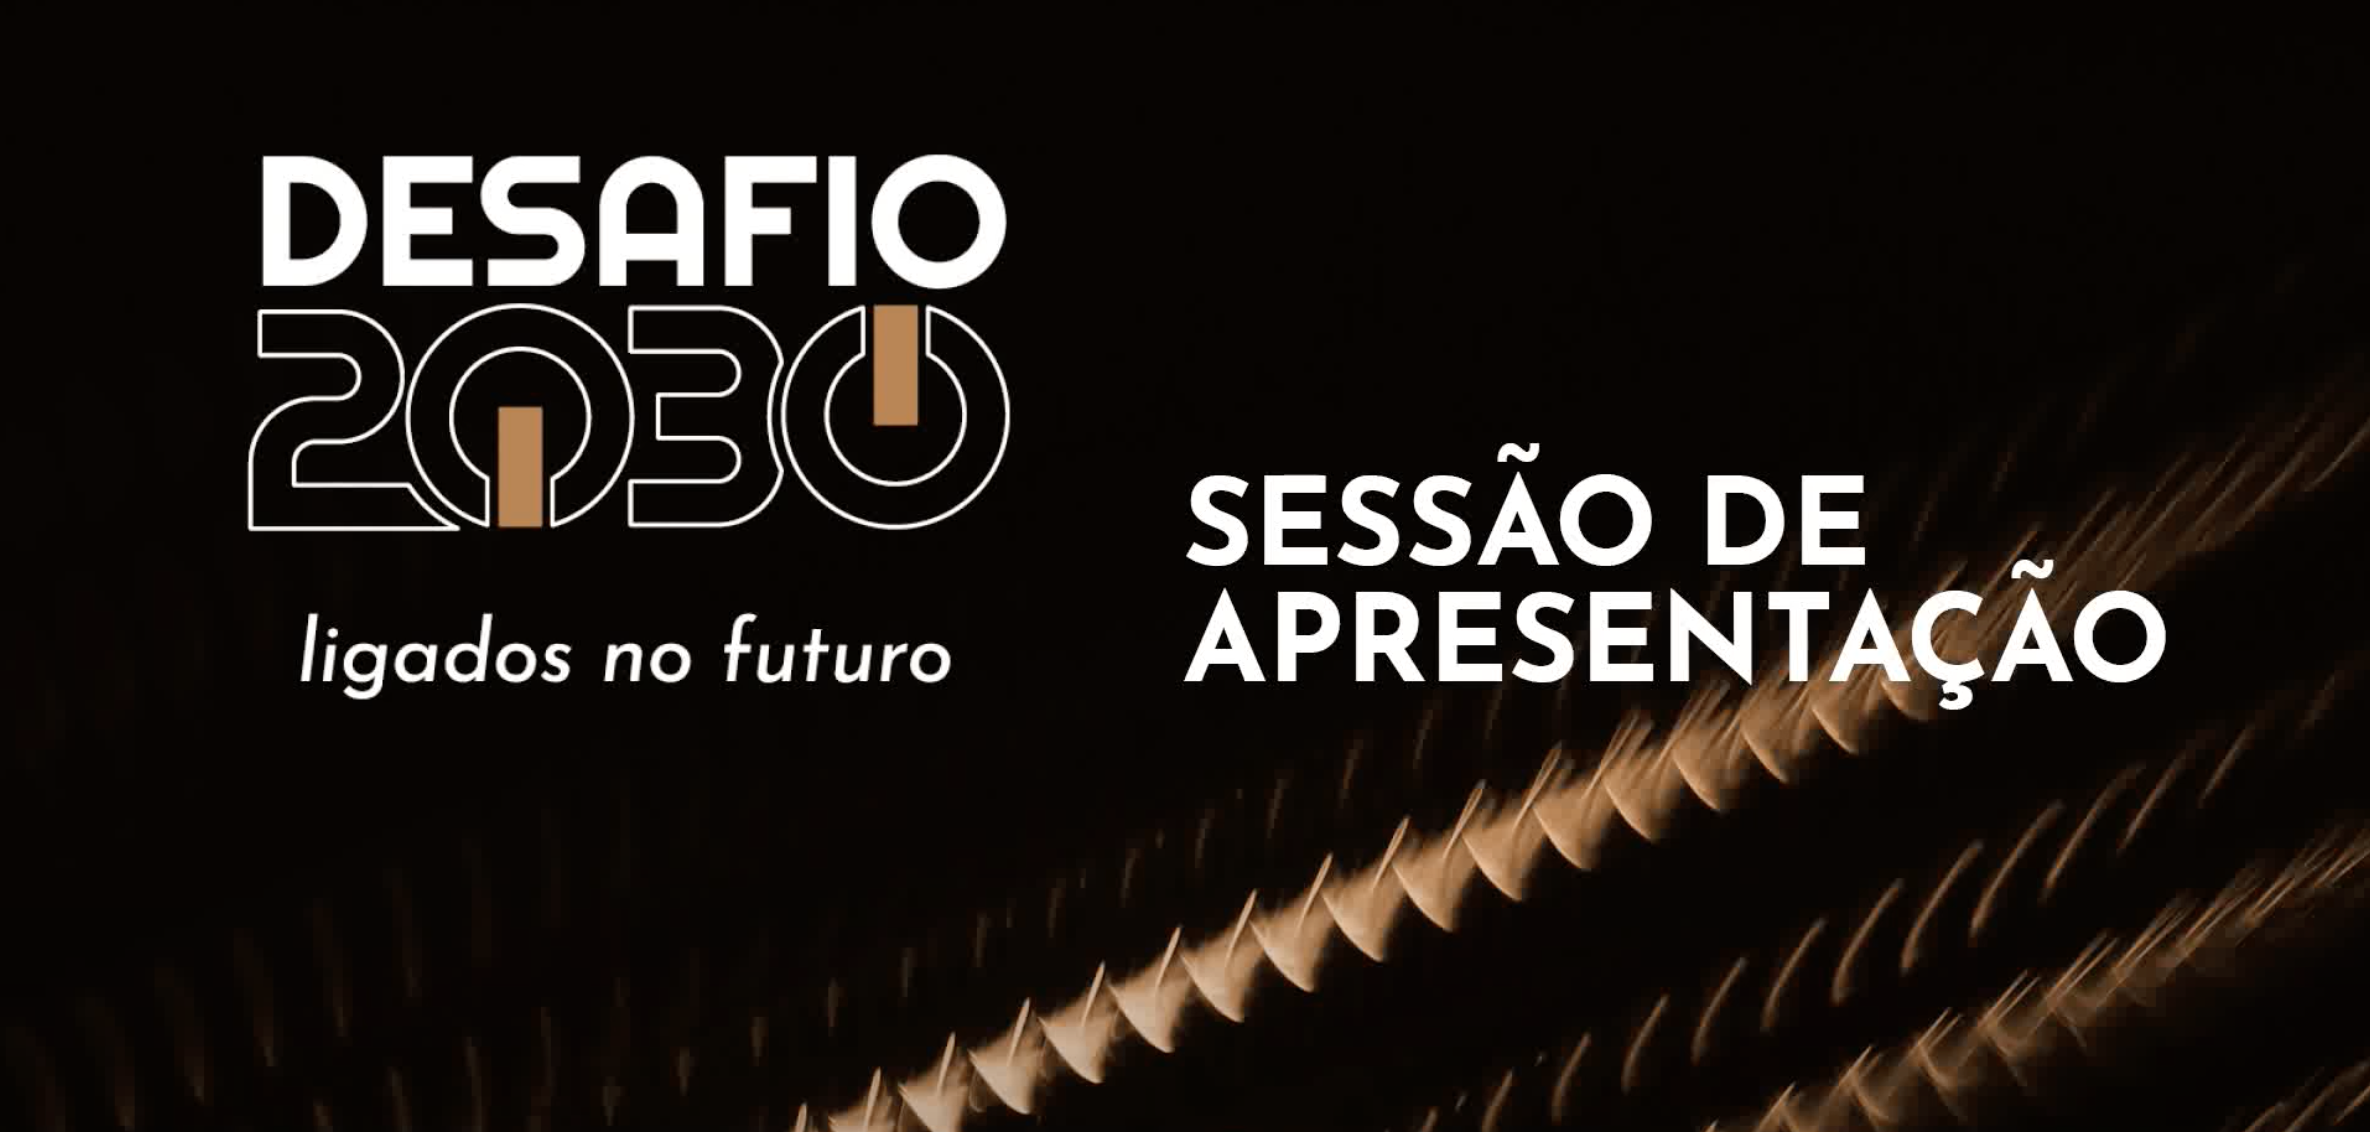 Sessão de apresentação do projeto DESAFIO 2030